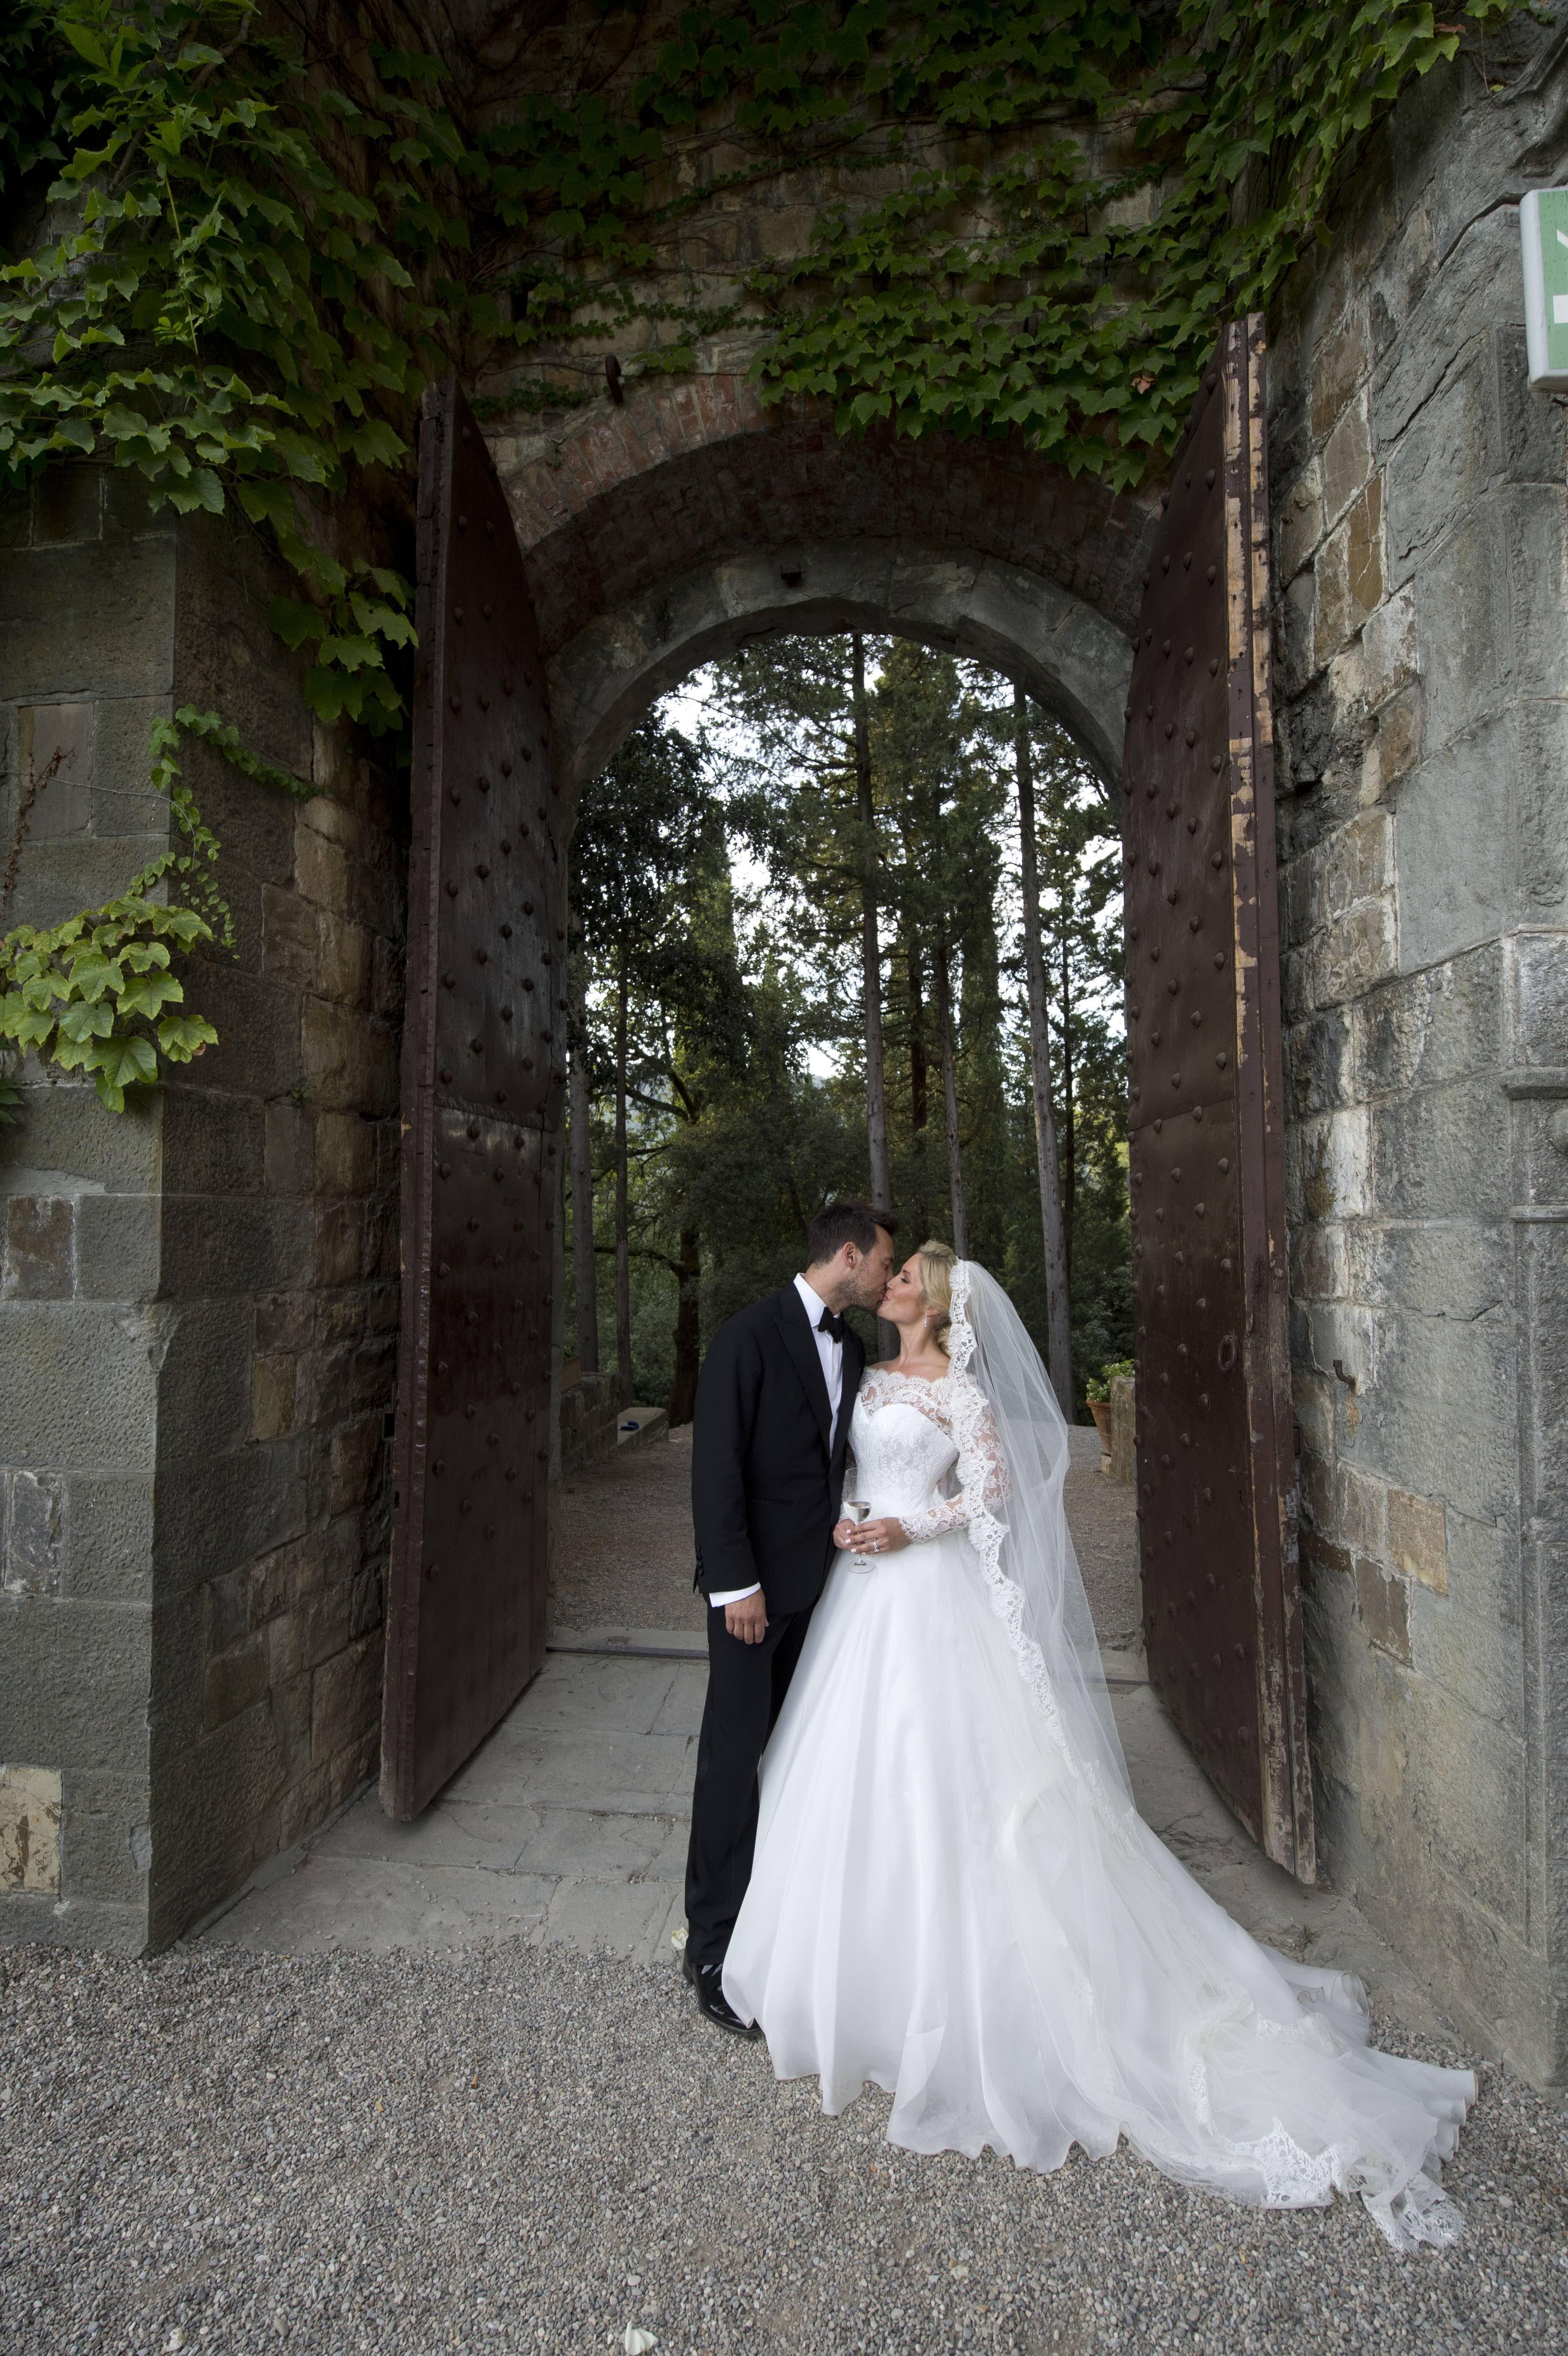 heidi-range-suzanne-neville-wedding-gown-3-copy